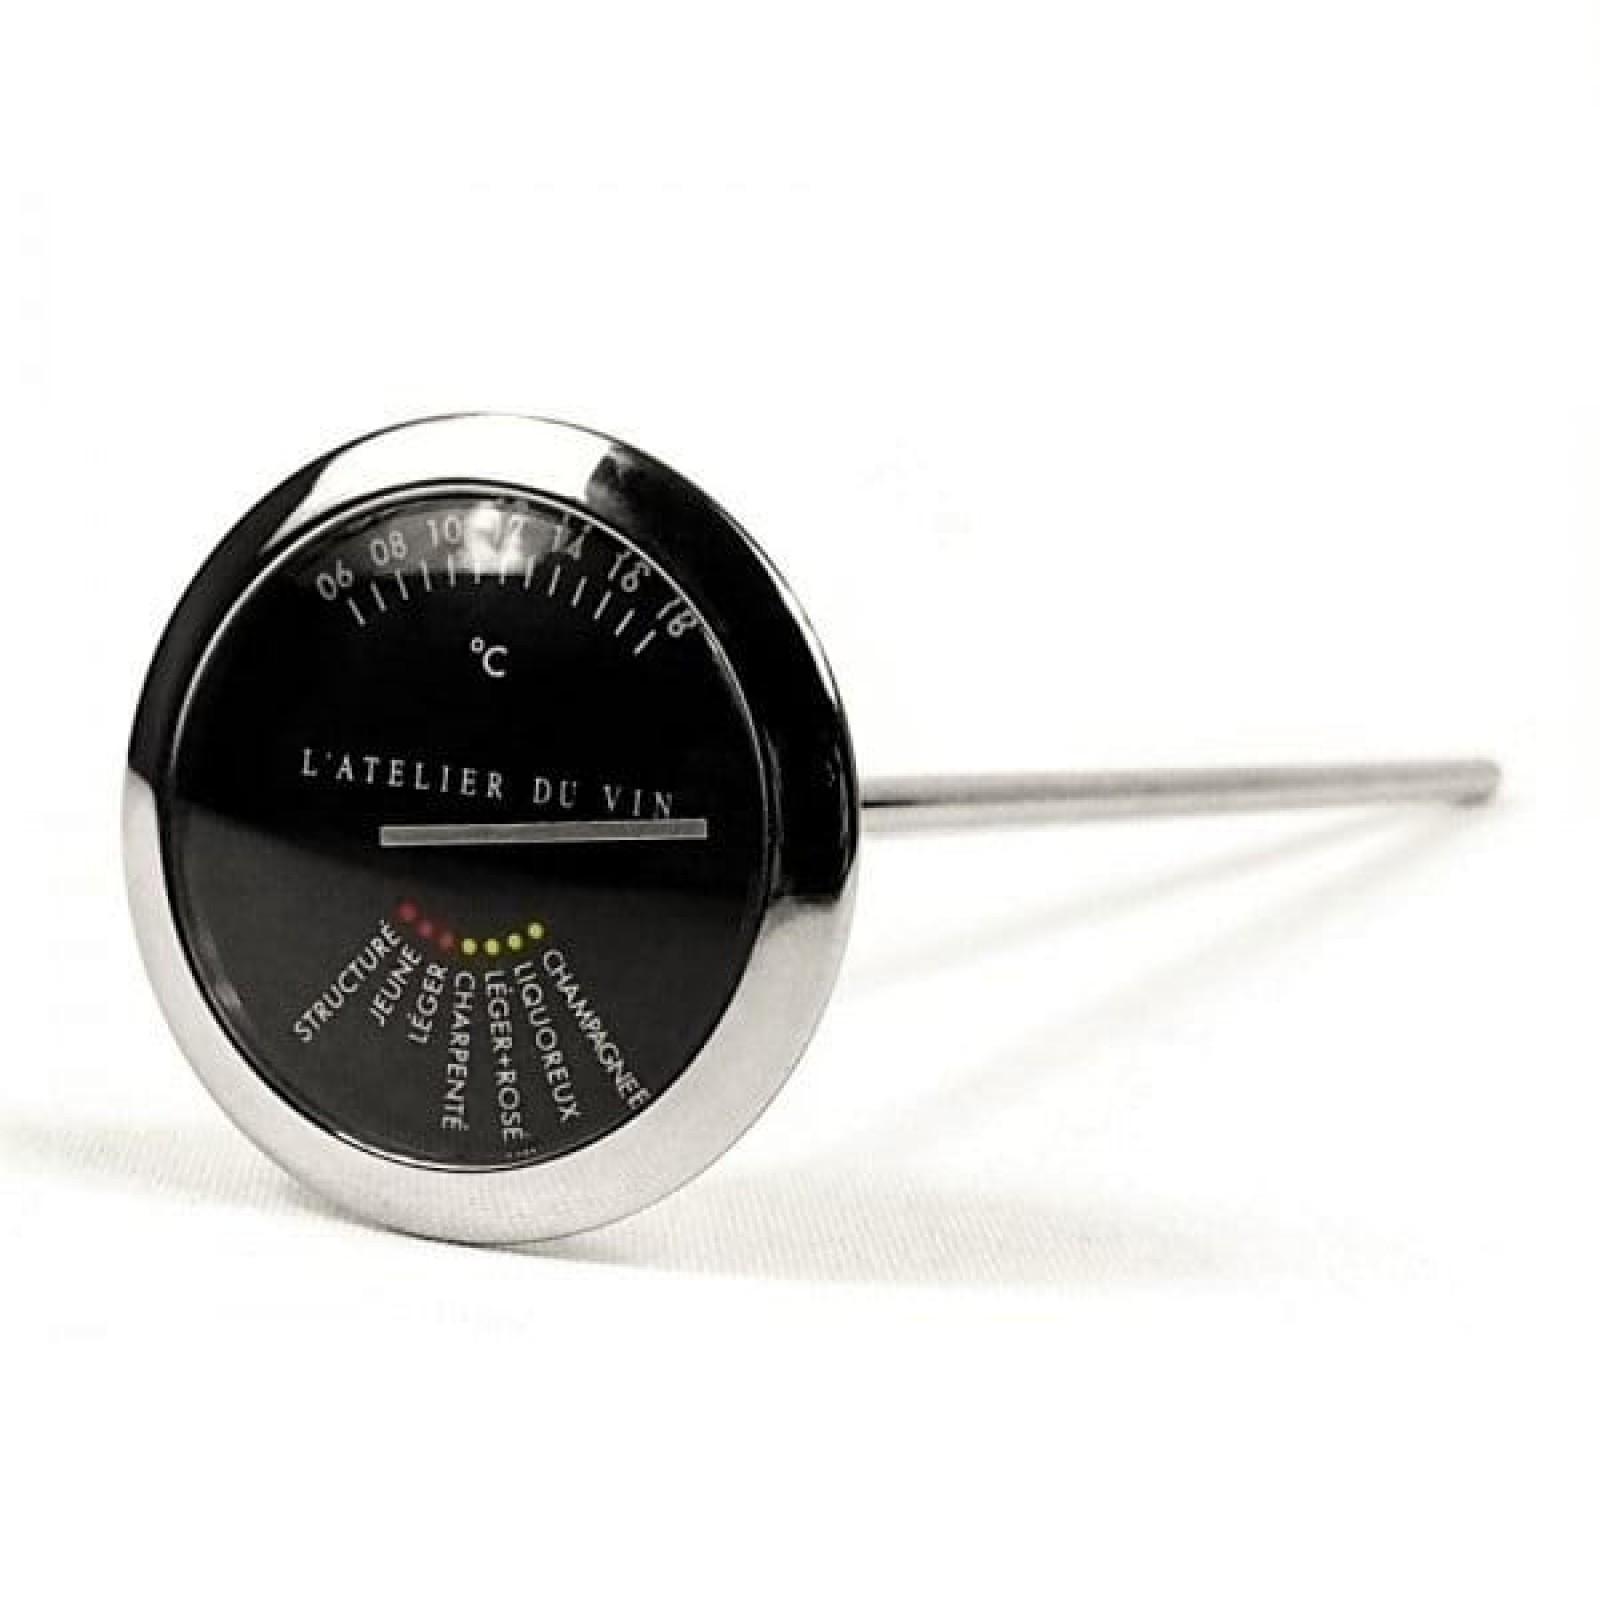 Θερμόμετρο Κρασιού -  L' Atelier du Vin